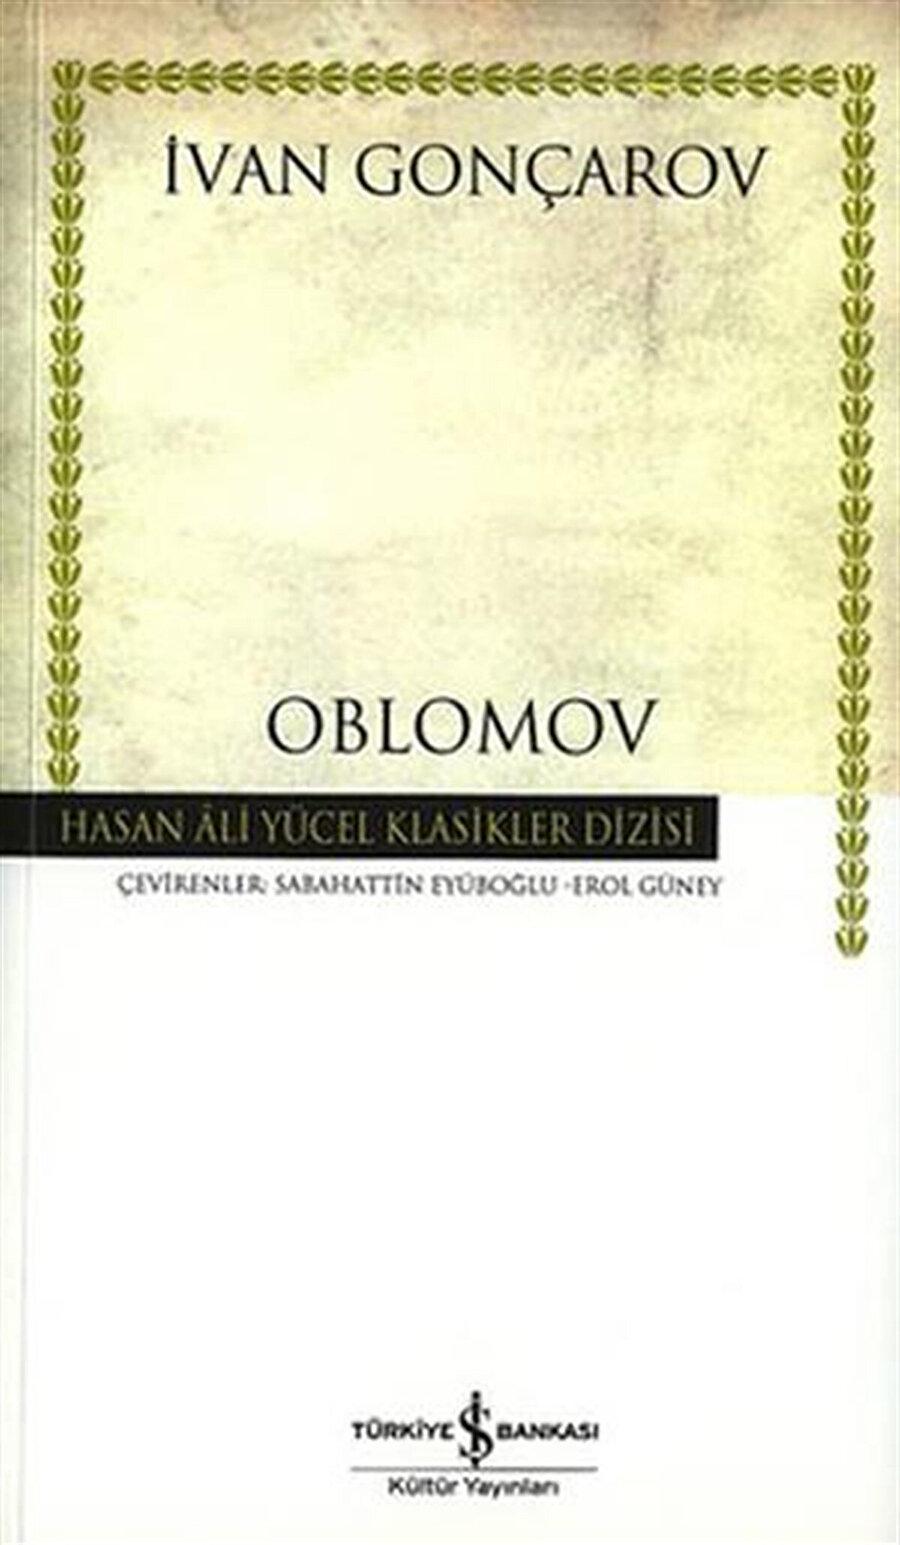 İvan Gonçarov, Oblomov